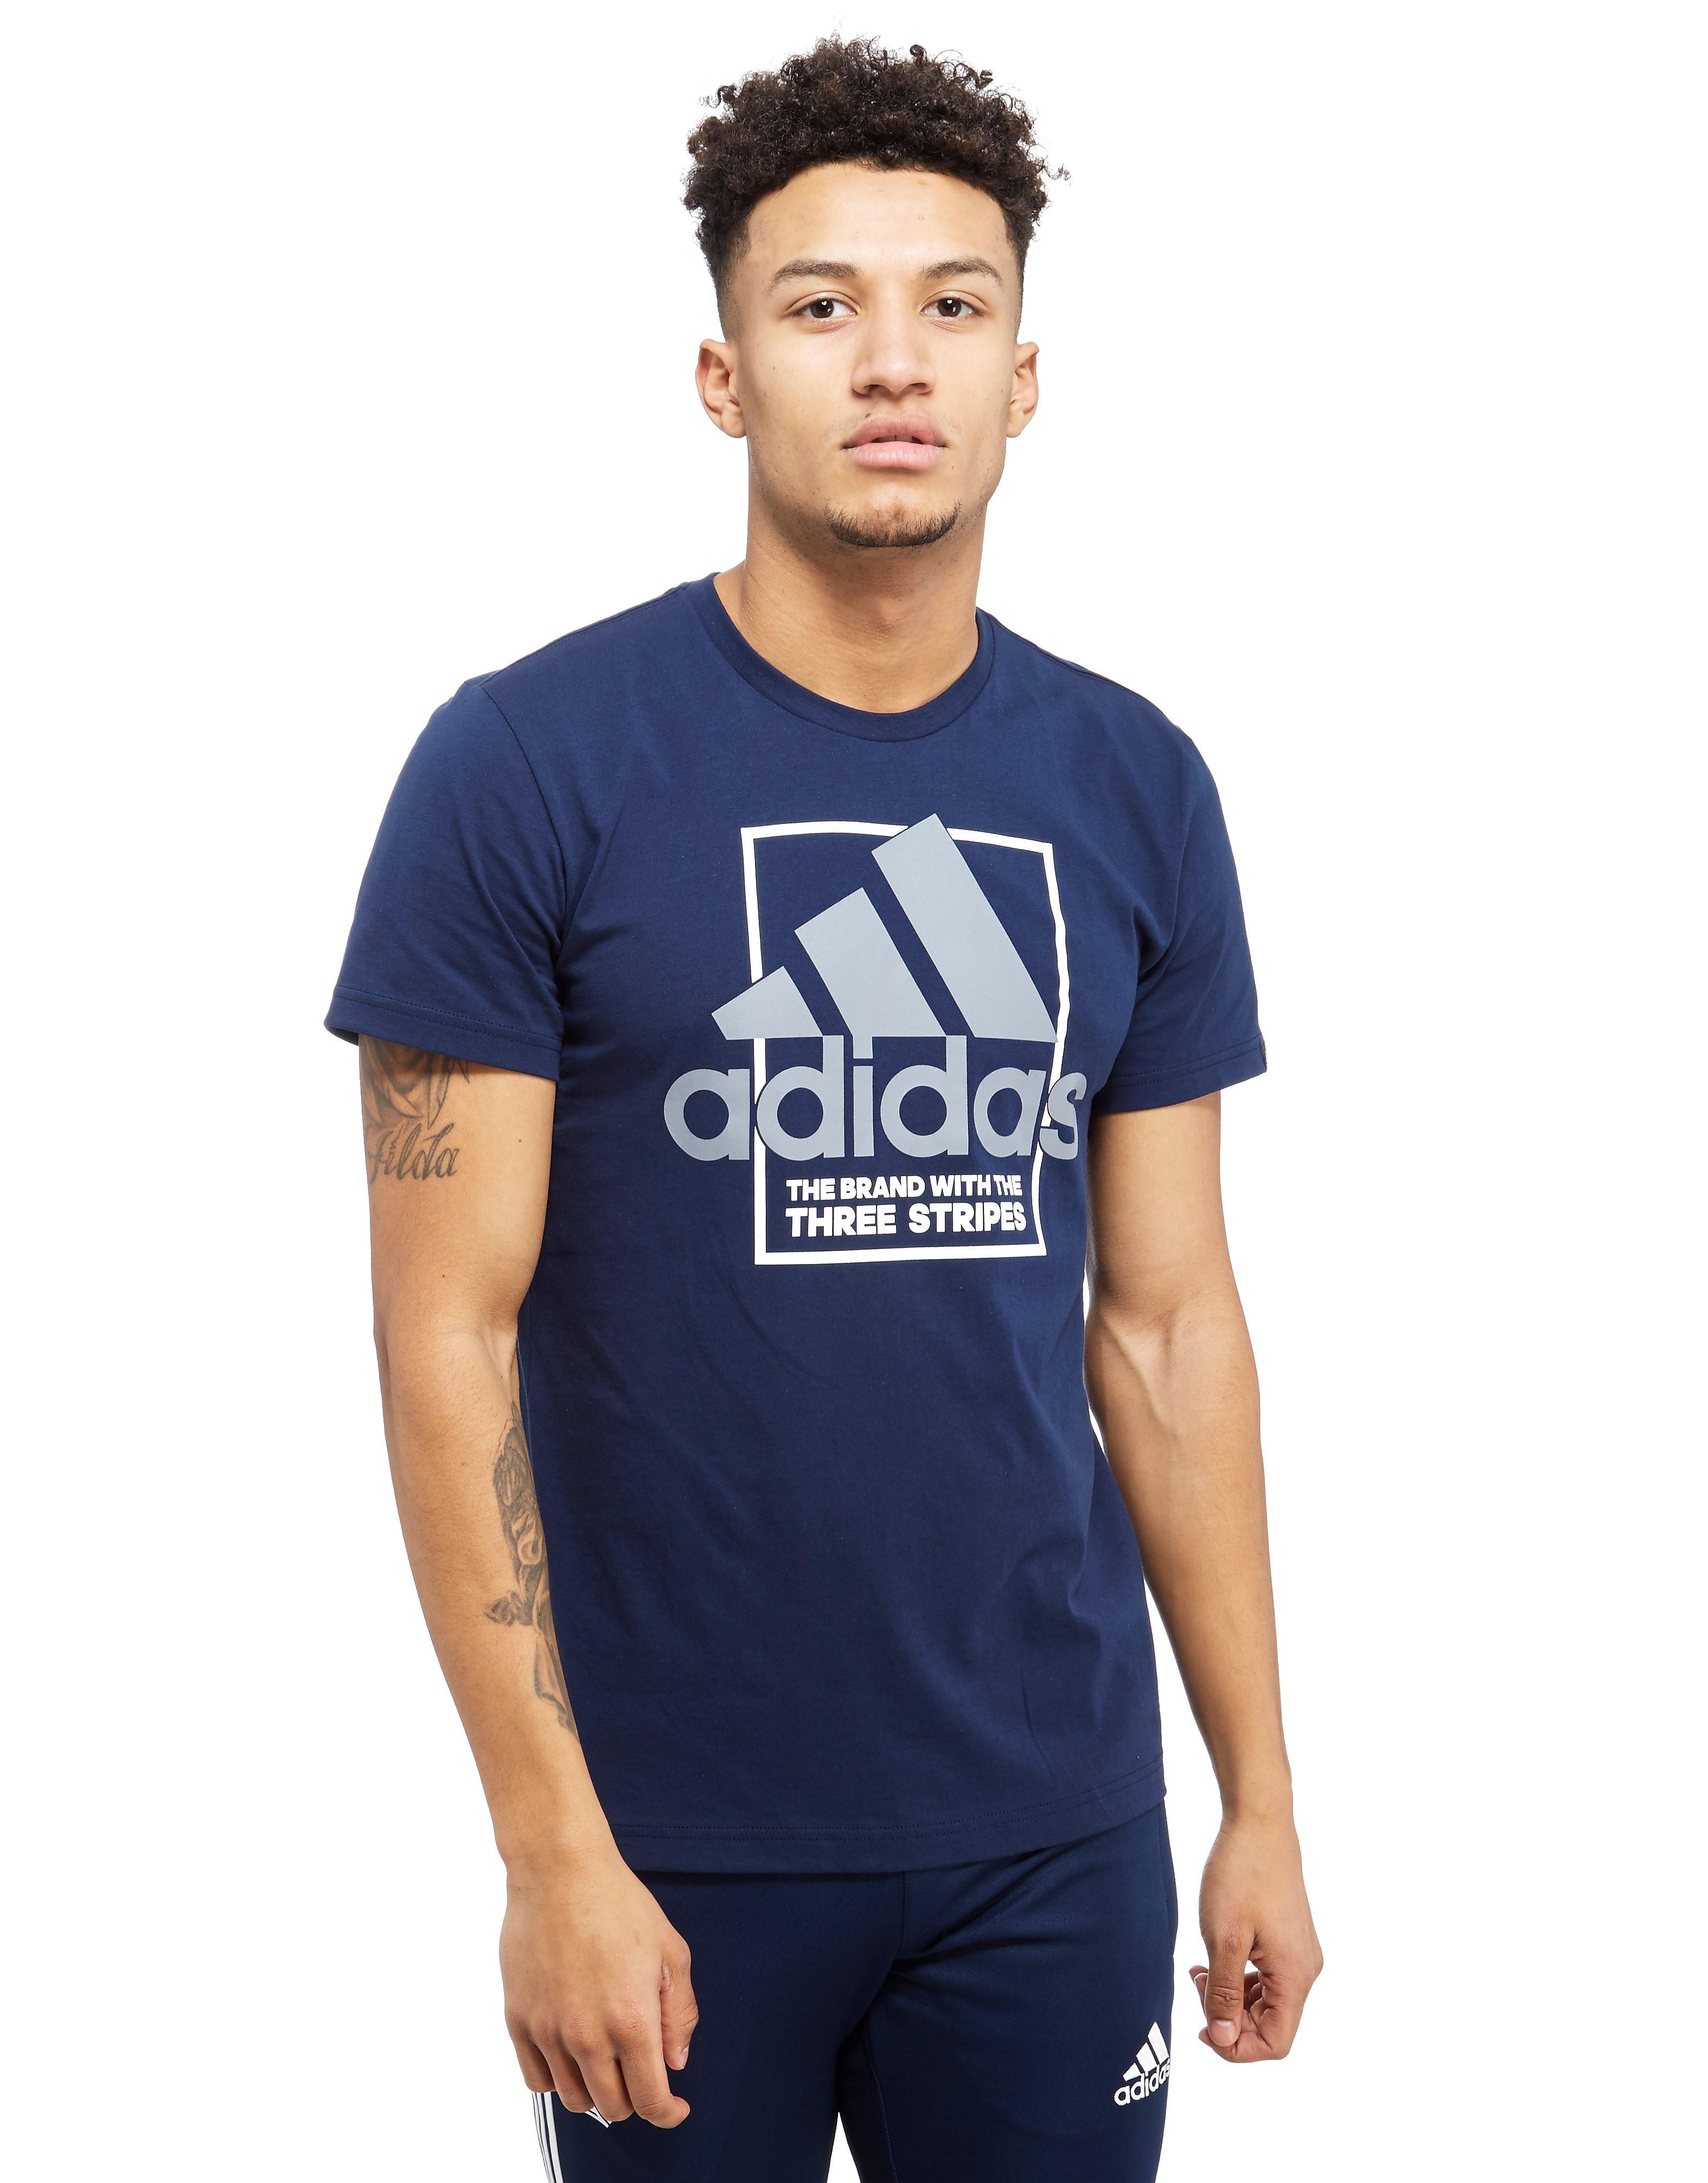 adidas Box Logo T-Shirt - Only at JD